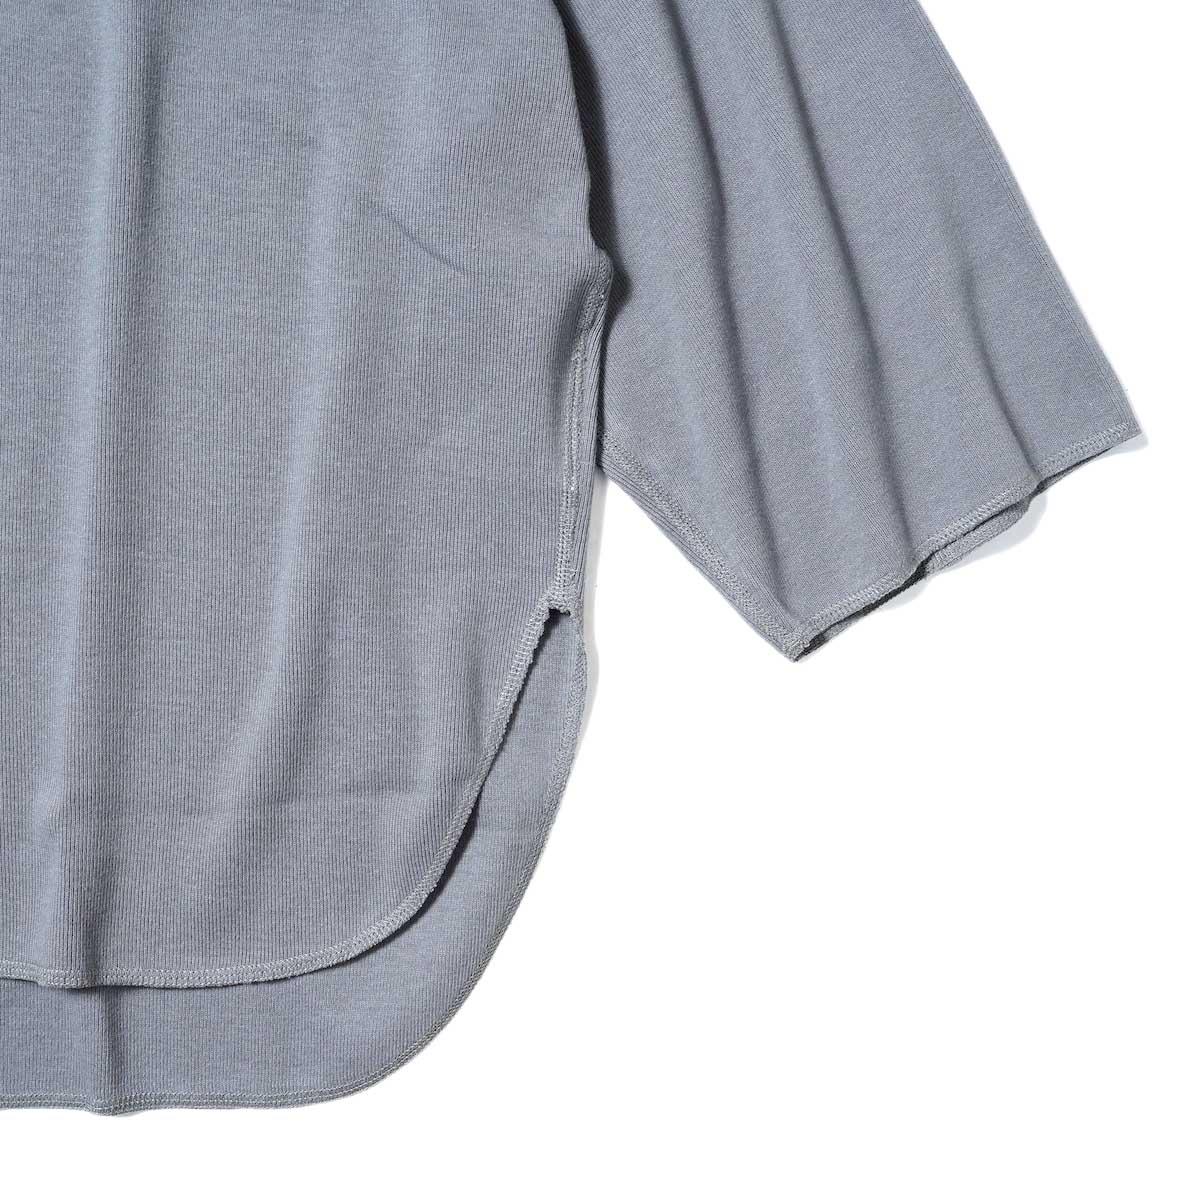 YLEVE / CTN RIB P/O BIG (Grey) 袖・裾